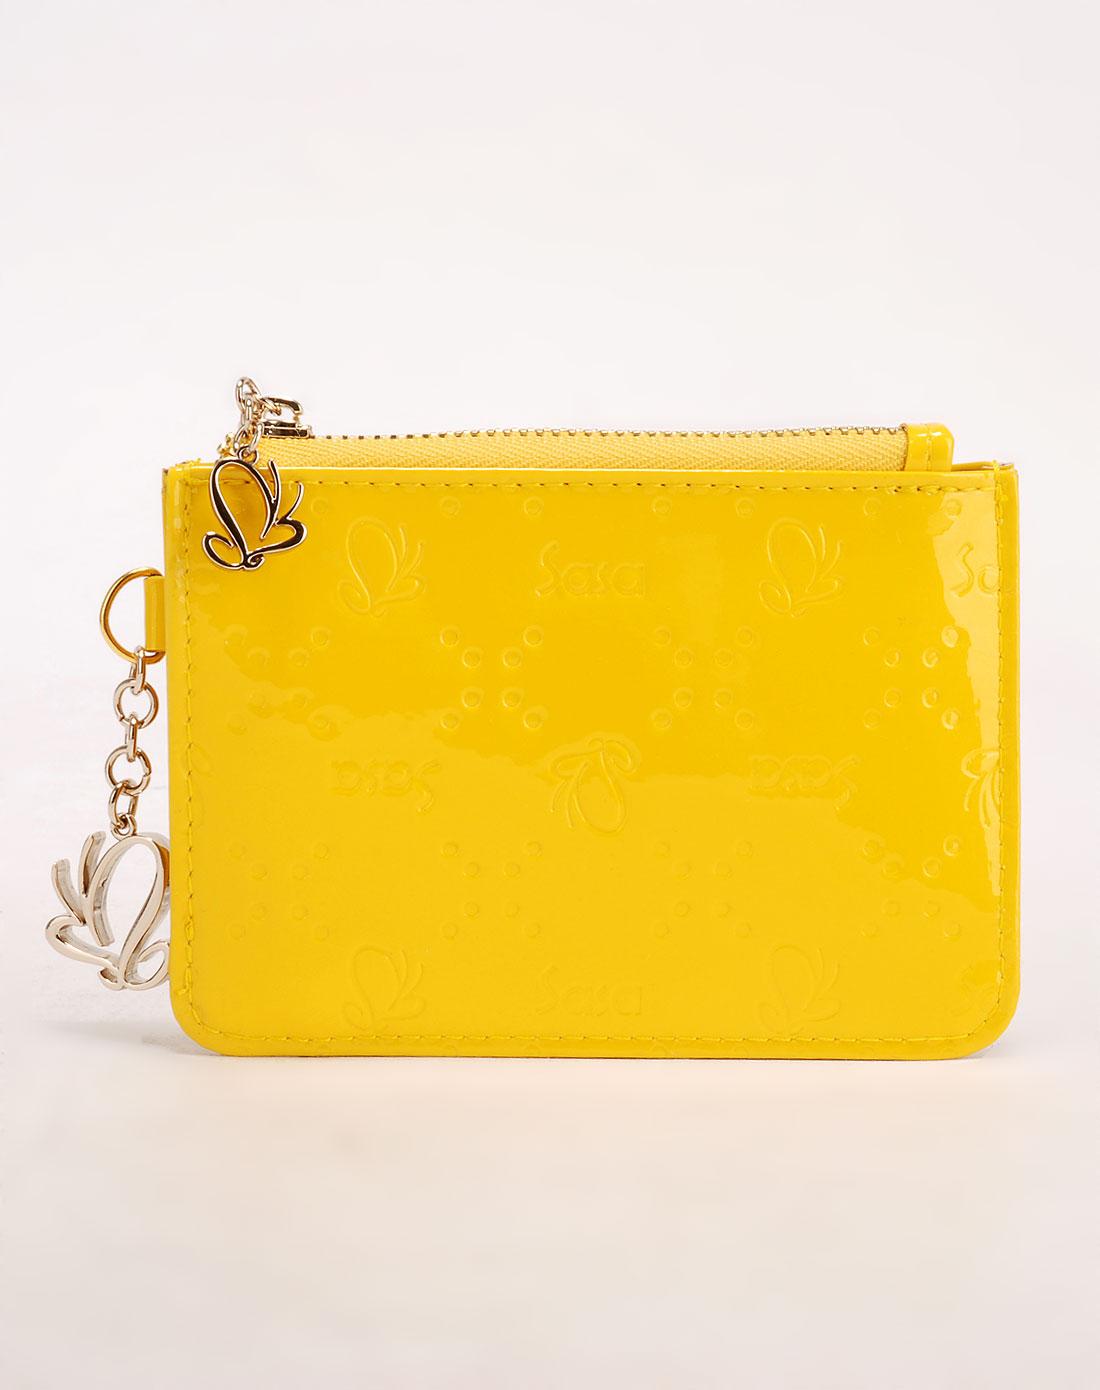 sasa黄色时尚简约零钱包